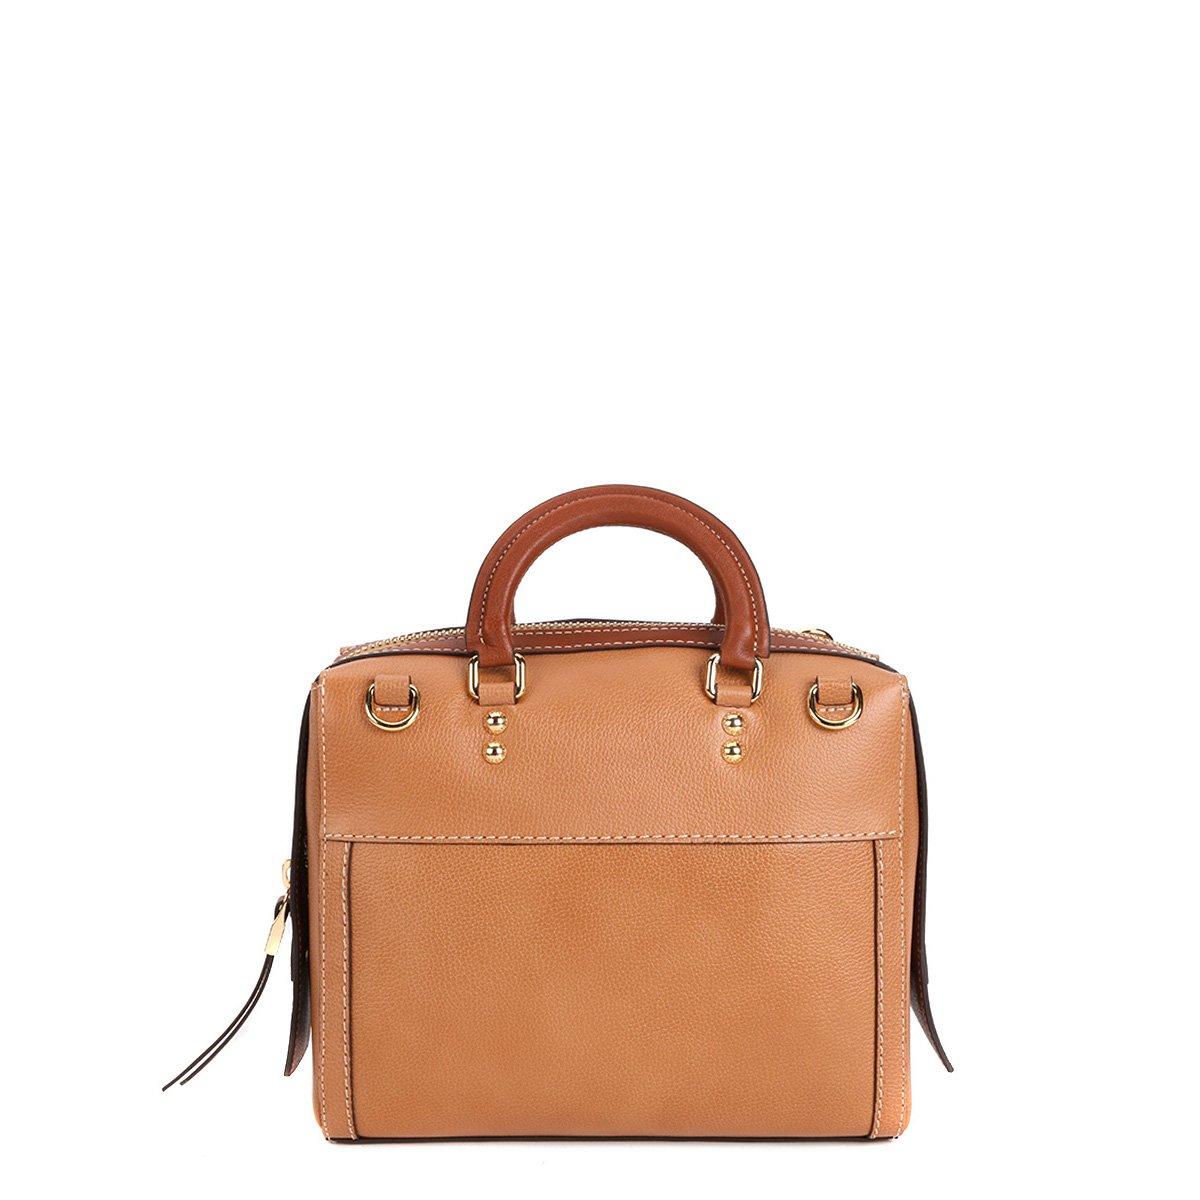 Bolsa De Mão Essencial : Bolsa couro luz da lua handbag al?a m?o recortes feminina